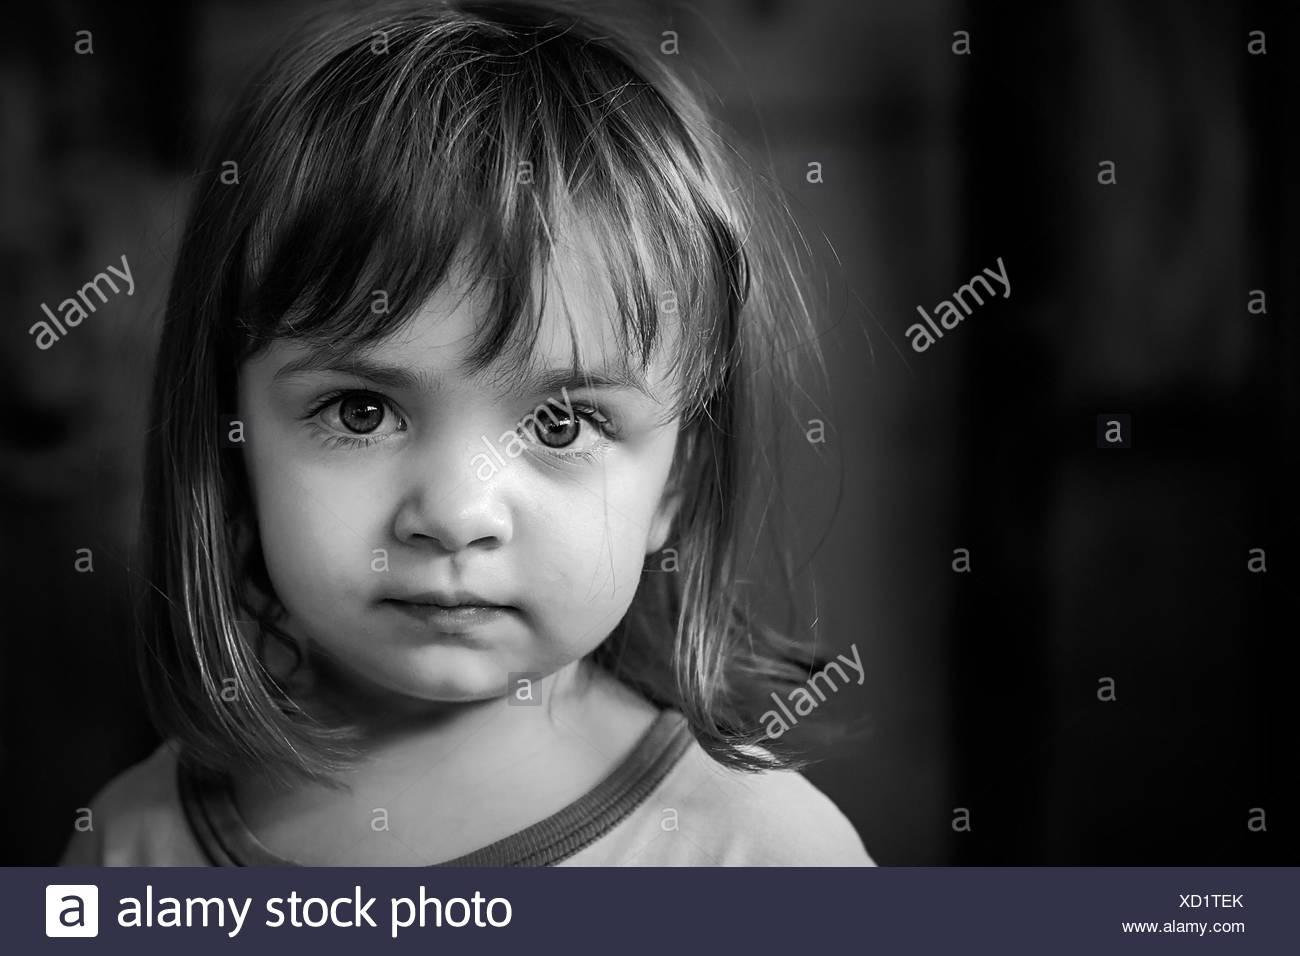 Ritratto di ragazza (2-3) con grandi occhi più belli Immagini Stock